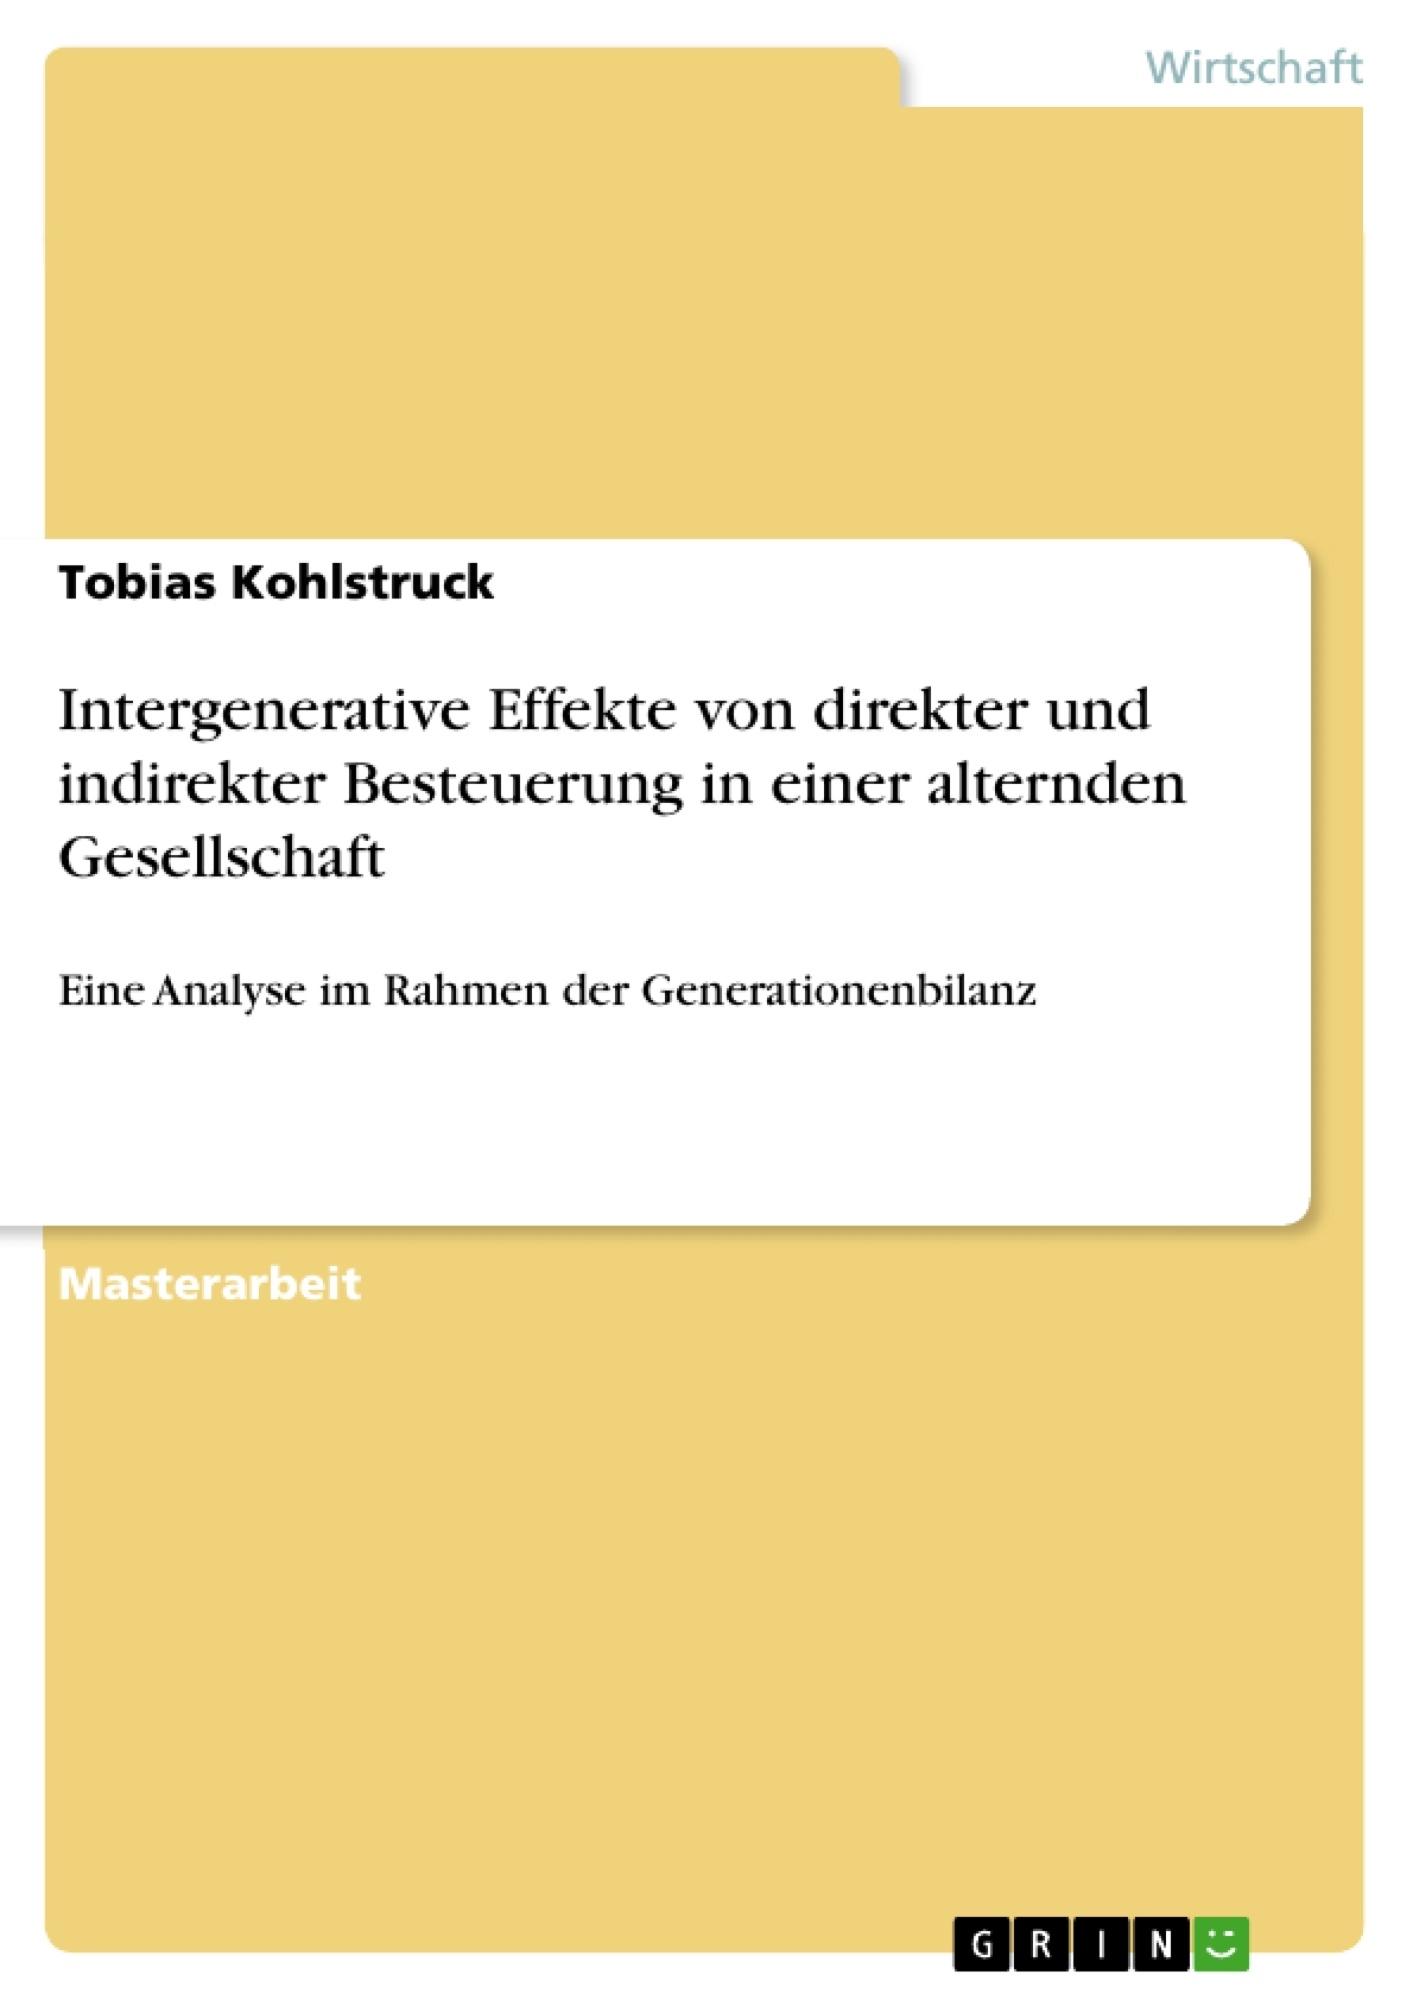 Titel: Intergenerative Effekte von direkter und indirekter Besteuerung in einer alternden Gesellschaft